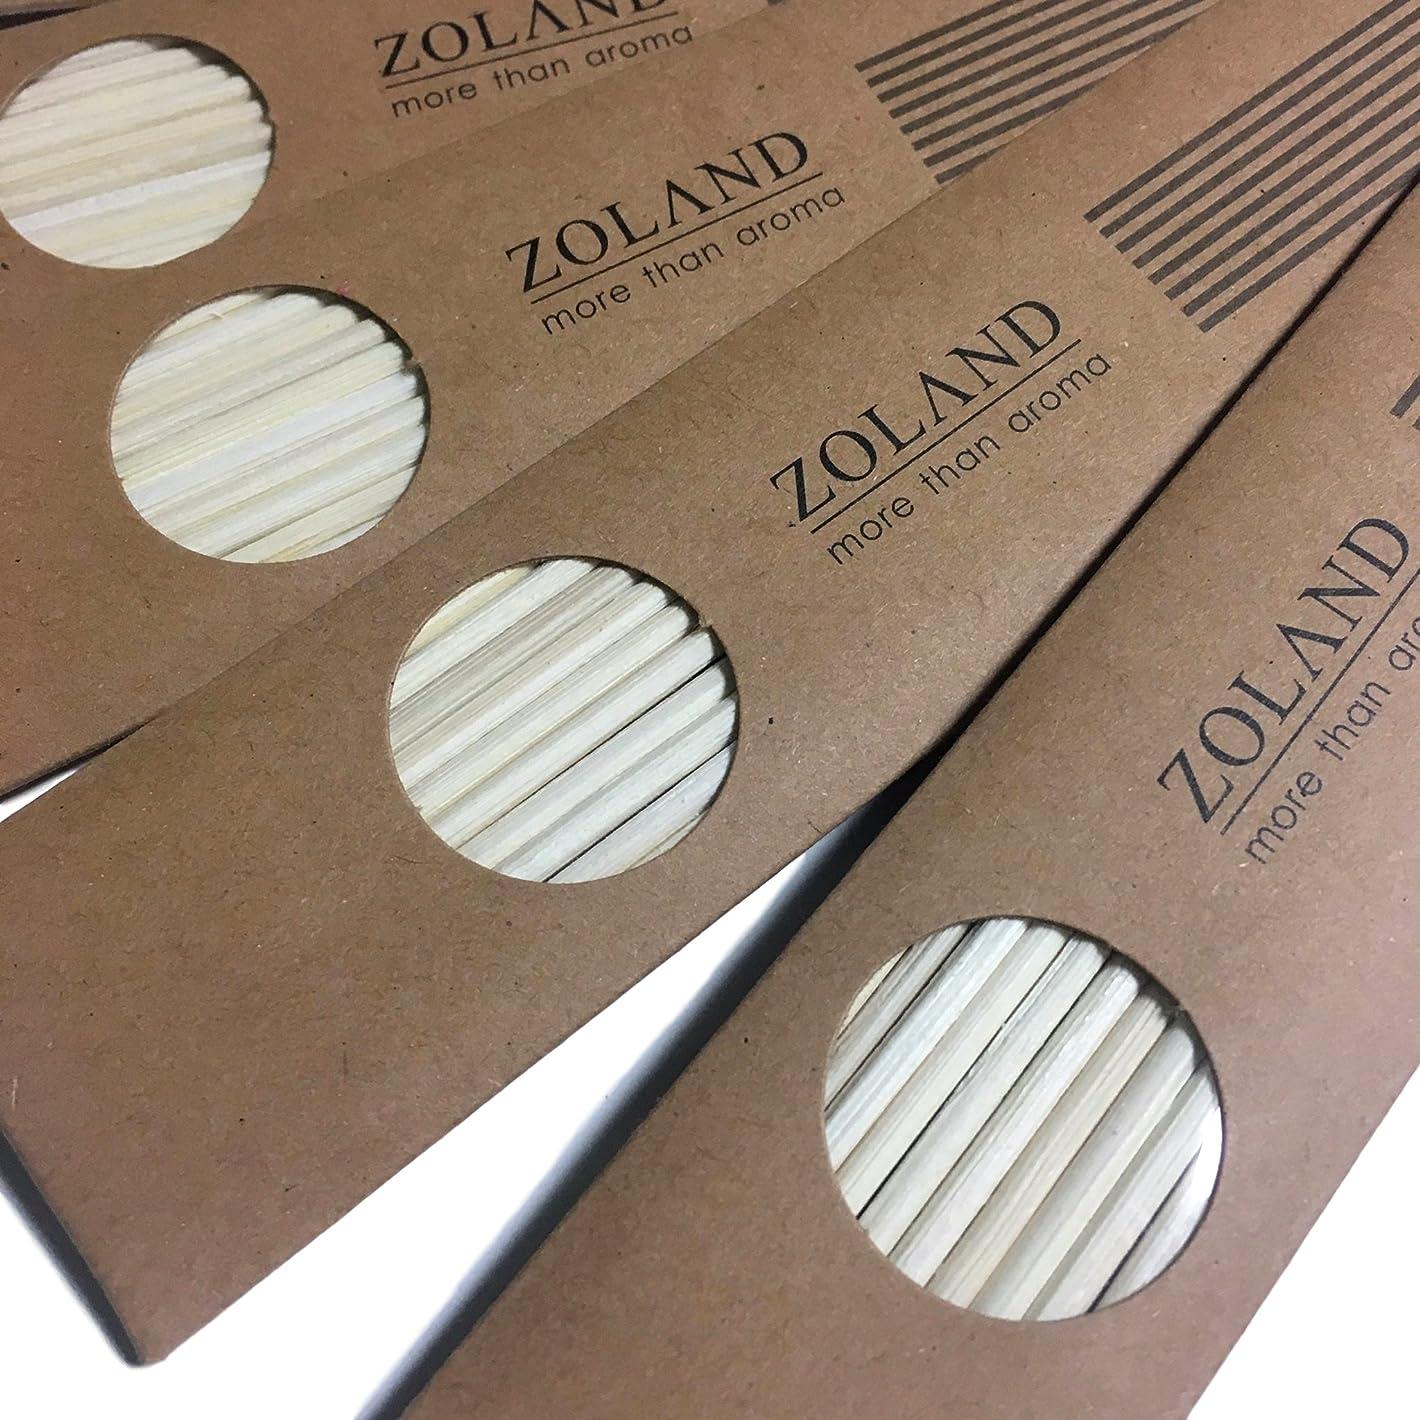 相談する比類のない端【YOLO】リードディフューザー用 ラタンスティック リフィル/ナチュラル 24cm×3mm 10本入×5セット (ナチュラル)